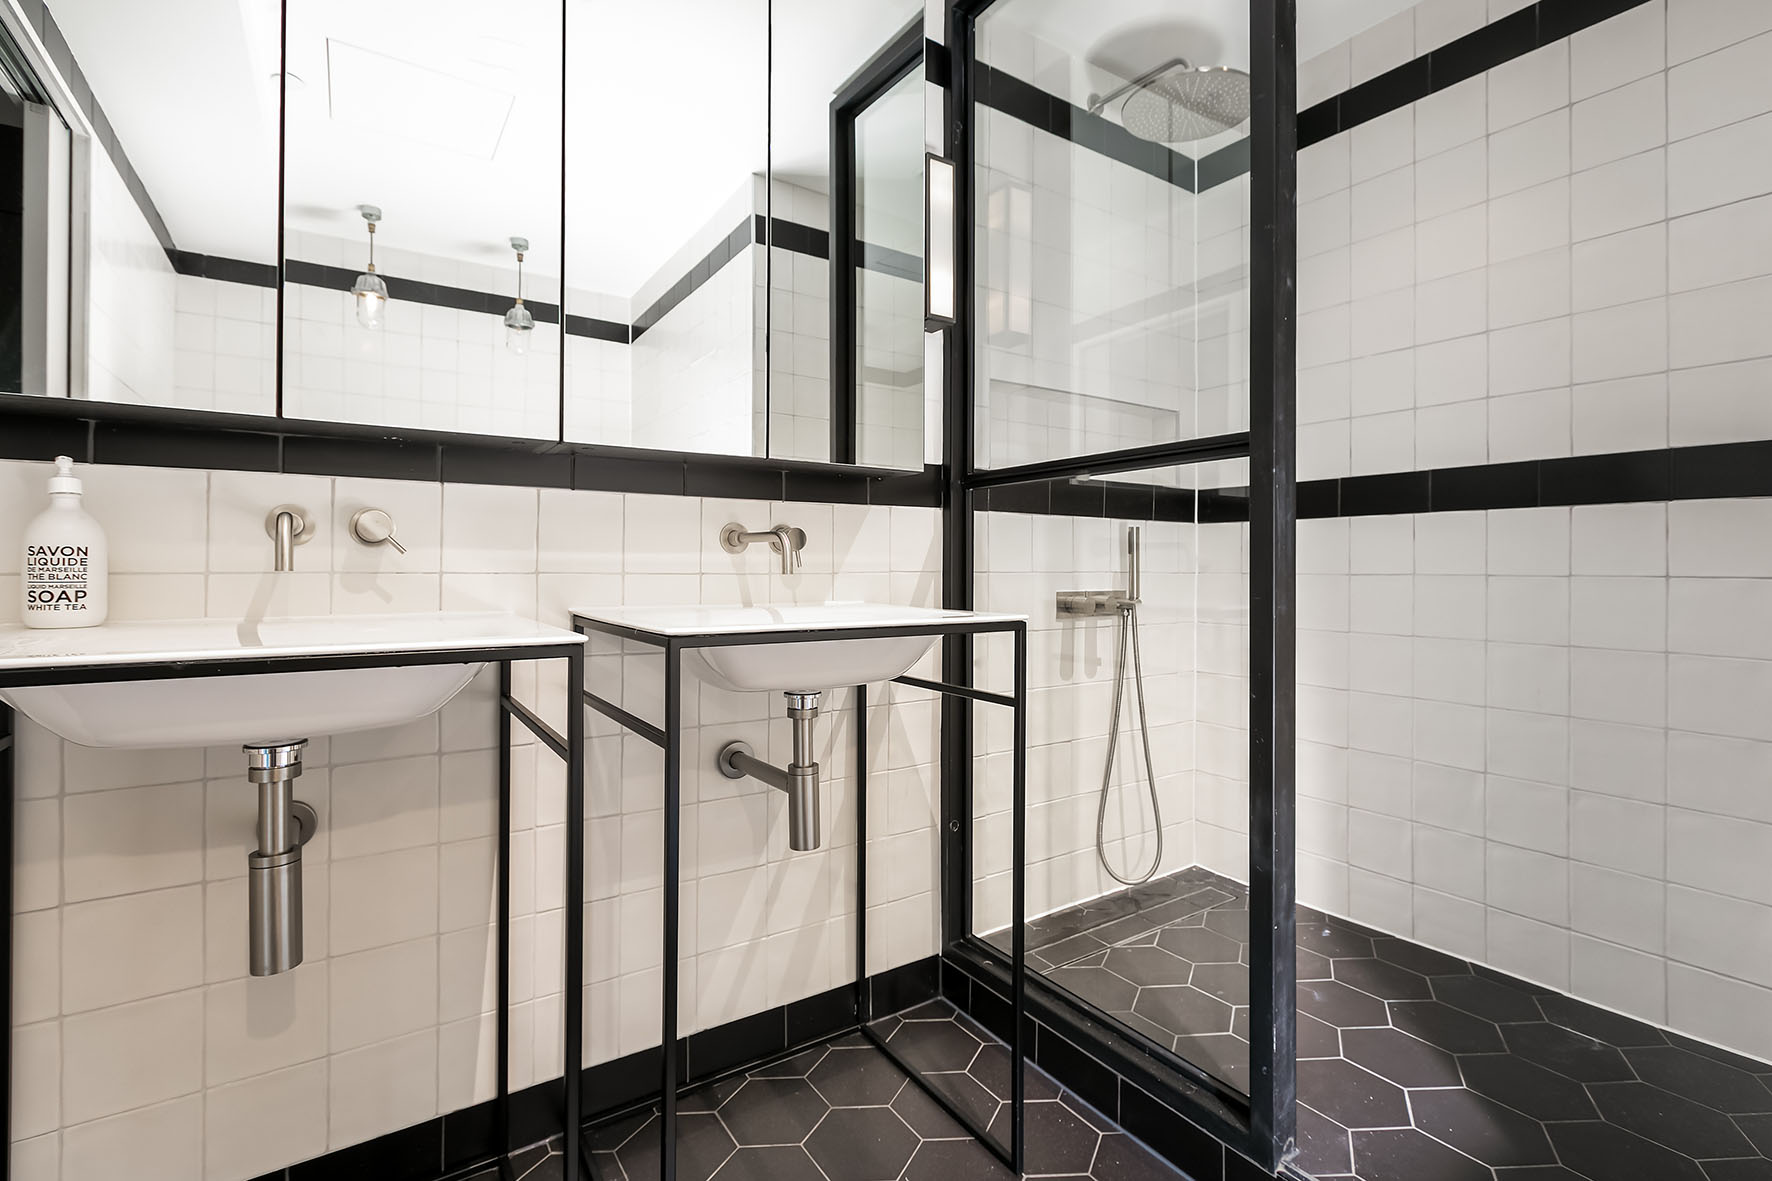 Lovelydays luxury service apartment rental - London - Soho - Noel Street VI - Lovelysuite - 2 bedrooms - 2 bathrooms - Lovely shower - luxury apartment in london - d4bc65dd991d - Lovelydays